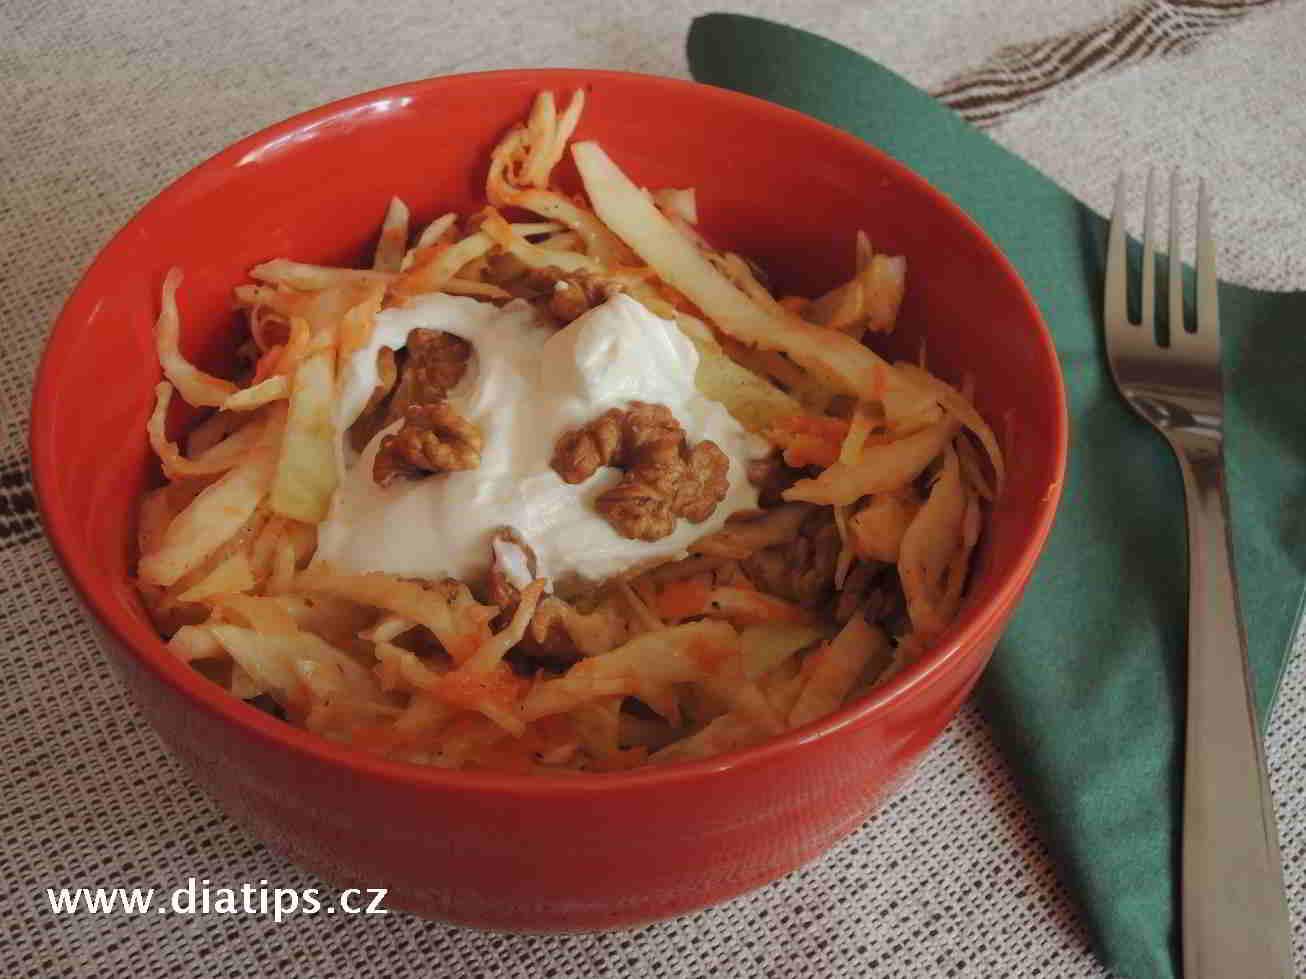 salát naservírovaný v misce, ozdobený jogurtem a ořechy